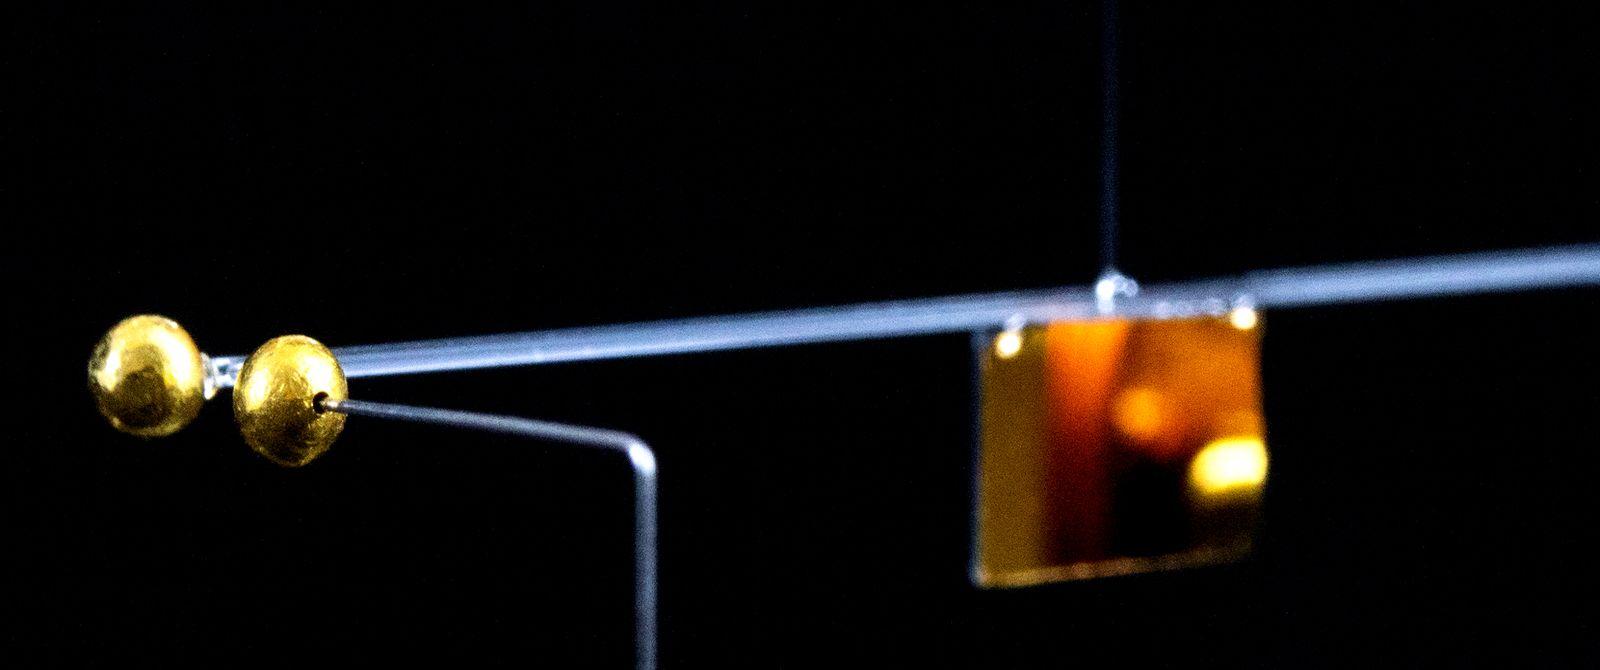 kleinste jemals gemessene Gravitationskraft